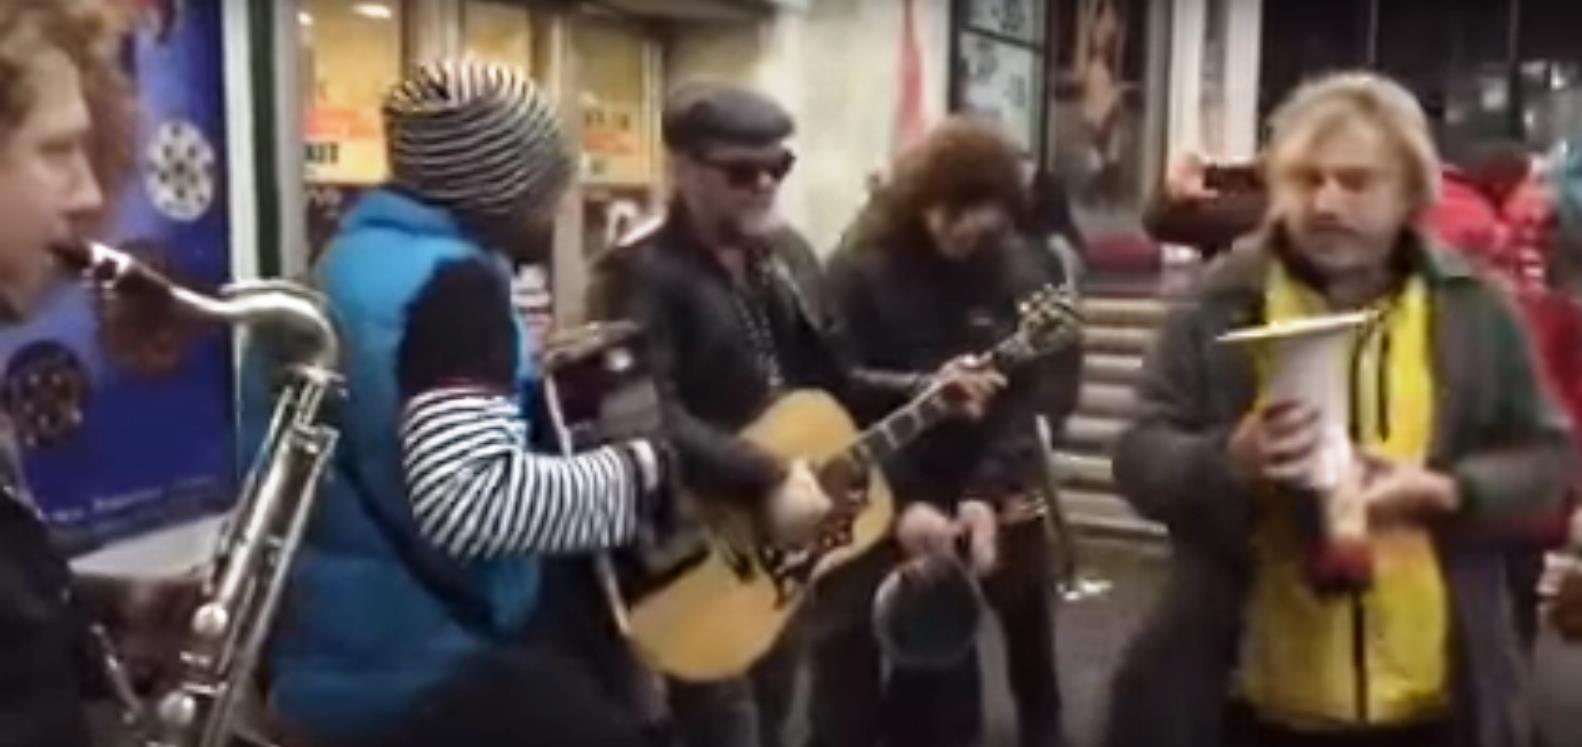 Основатель «Аквариума» в темных солнцезащитных очках с двумя своими музыкантами подошел к играющи